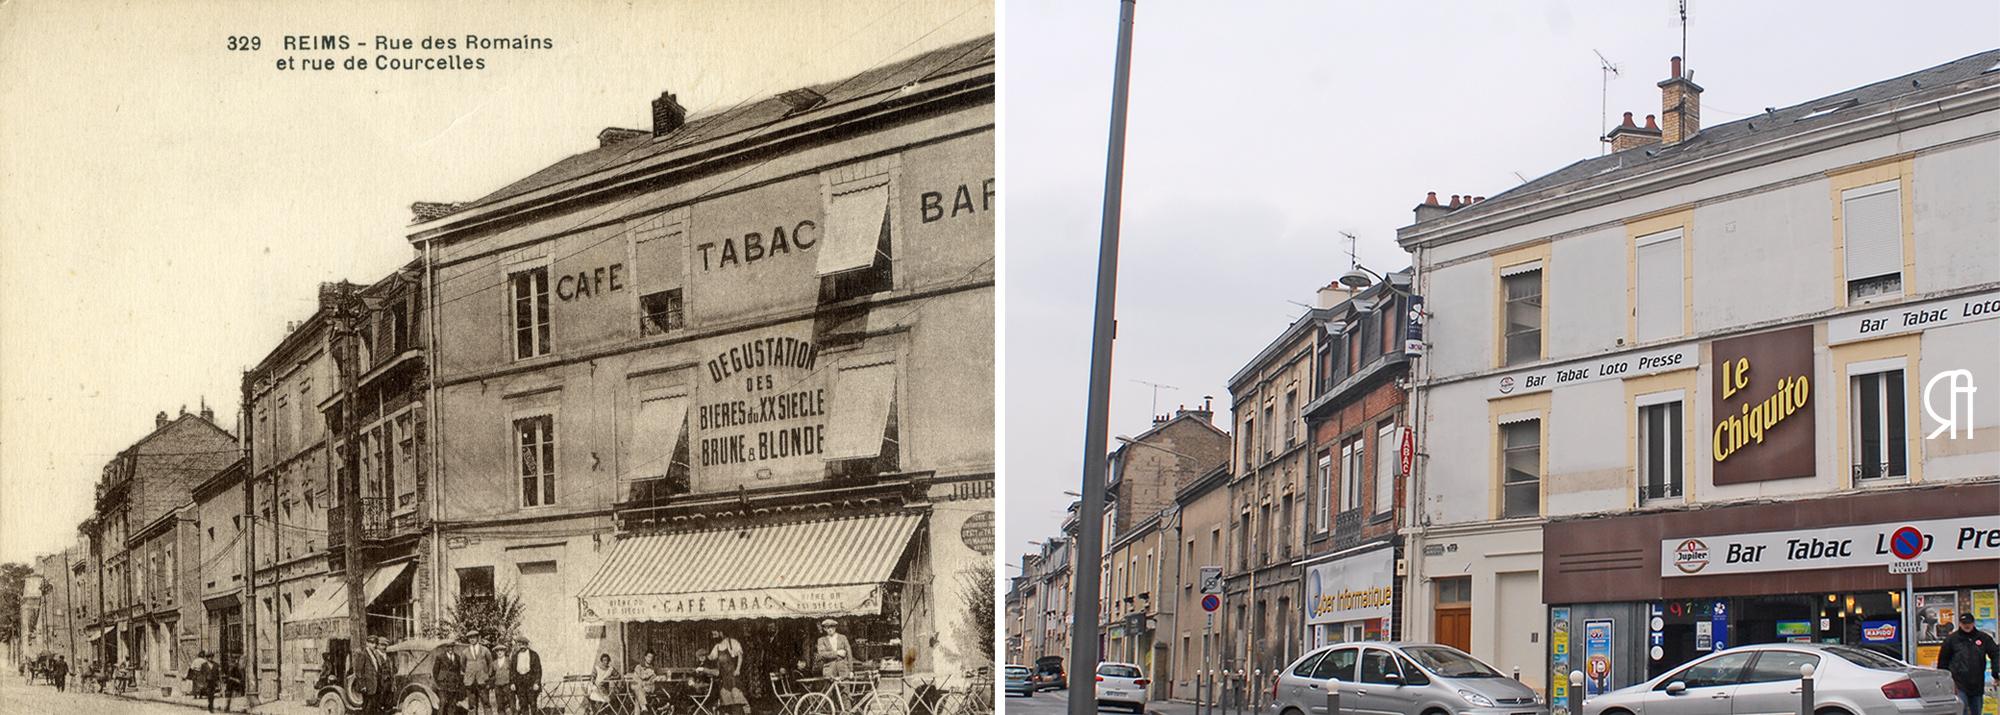 Café-Tabac-Bar de l'angle de la rue des Romains et de la rue de Courcelles